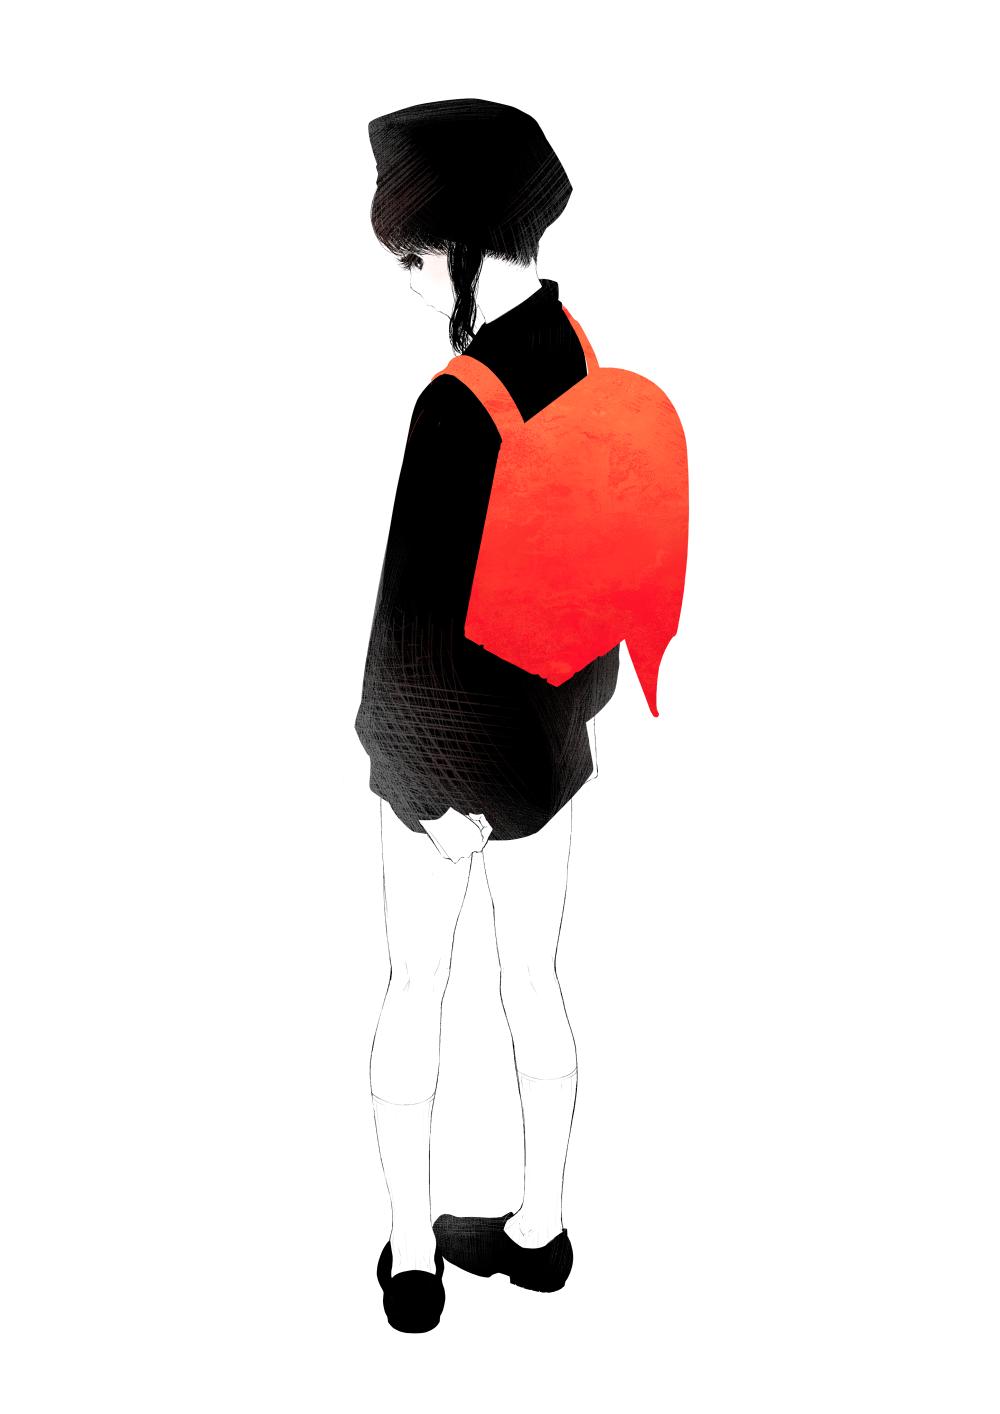 b&w / inks / sketches illustrations」おしゃれまとめの人気アイデア